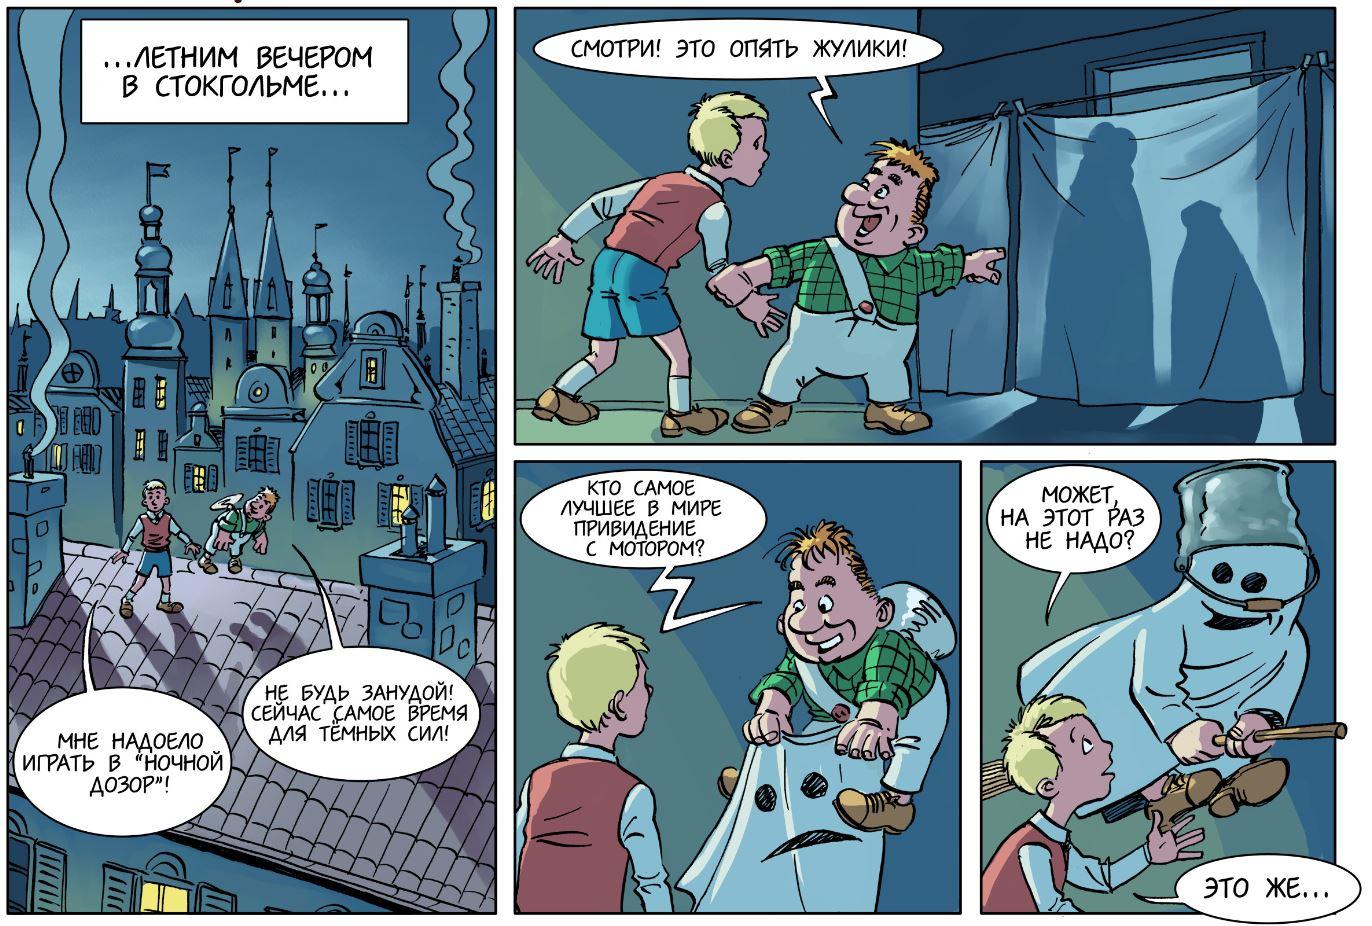 Комикс: Охотники запривидением смоторчиком 1